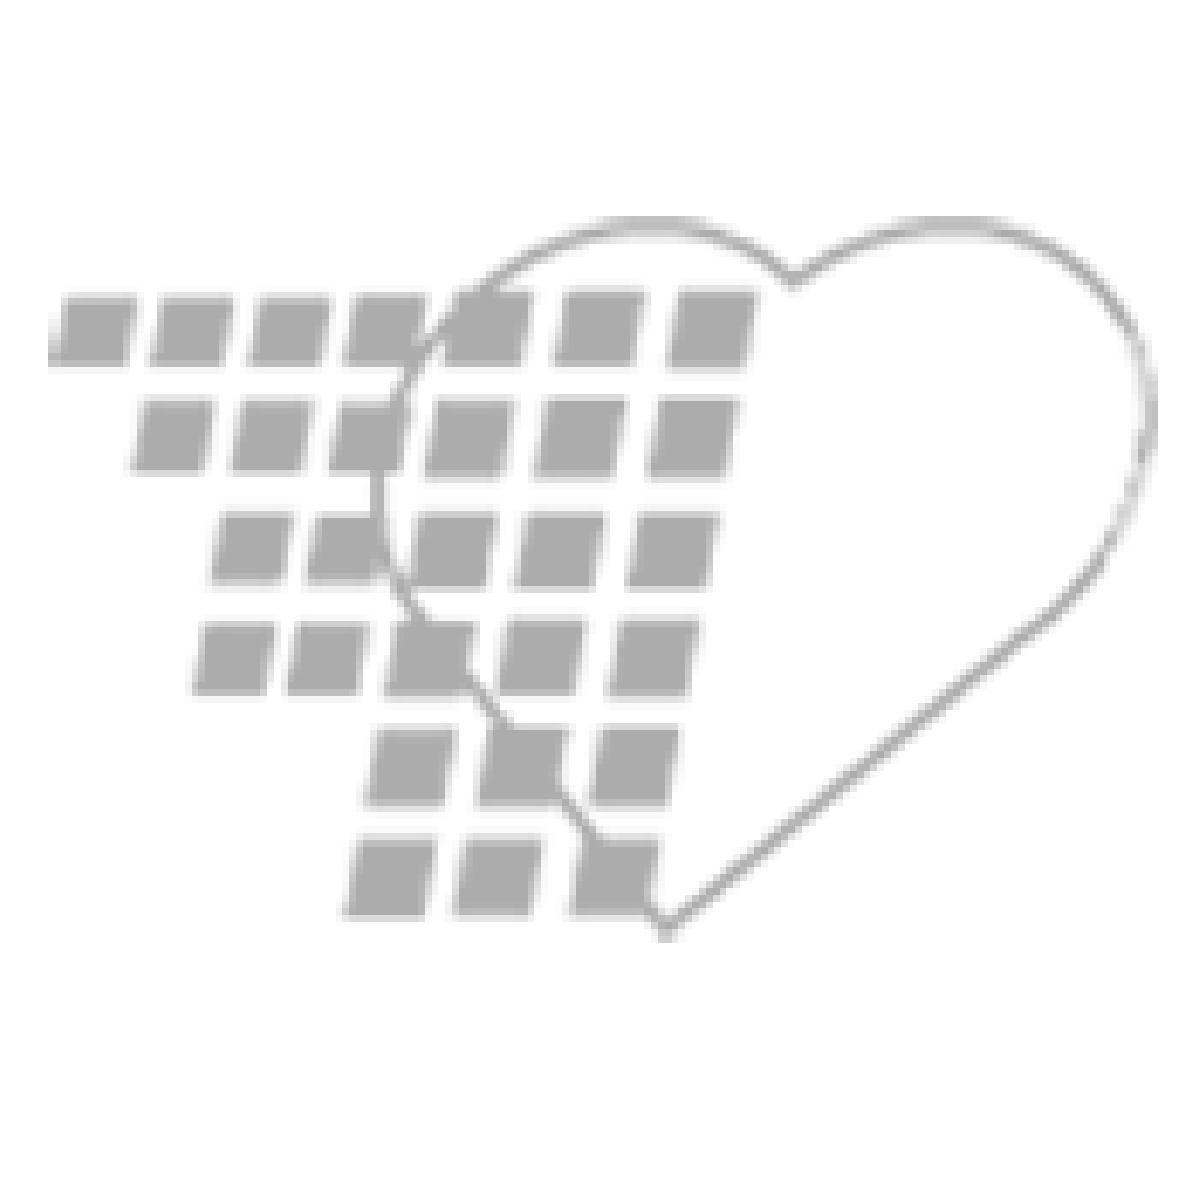 11-99-3468 Nasco Soft Carry Case for Torso Simulators - Black